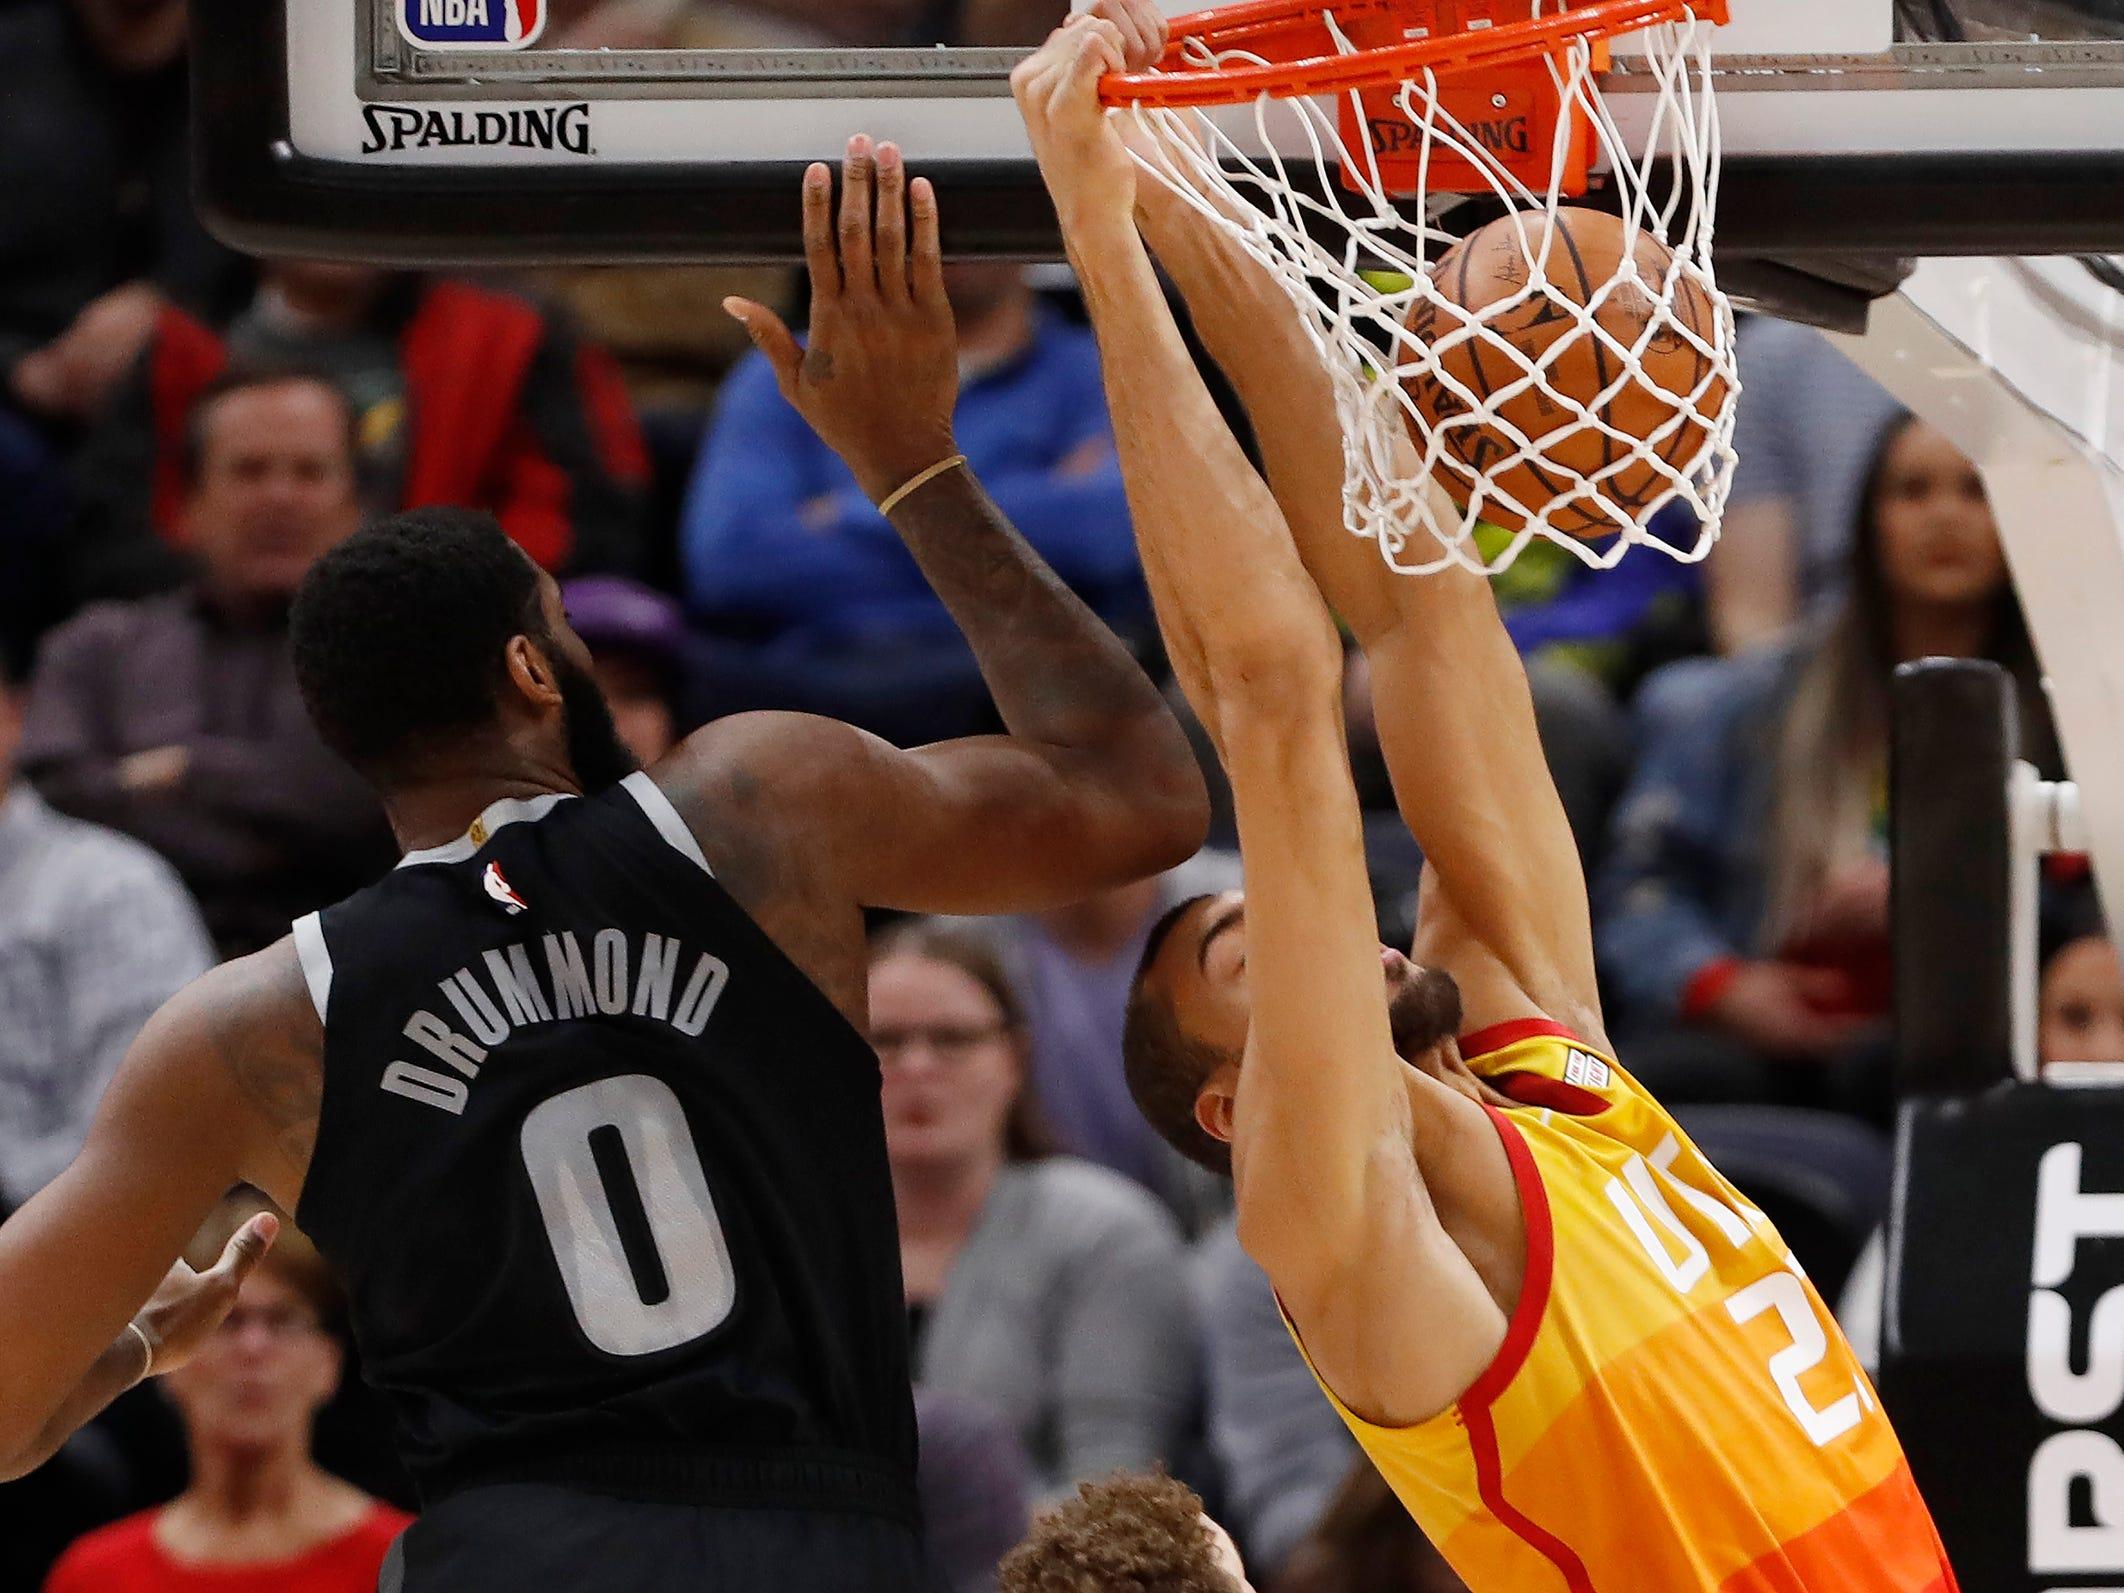 Utah Jazz center Rudy Gobert dunks against Detroit Pistons center Andre Drummond in the first half Monday, Jan. 14, 2019, in Salt Lake City.